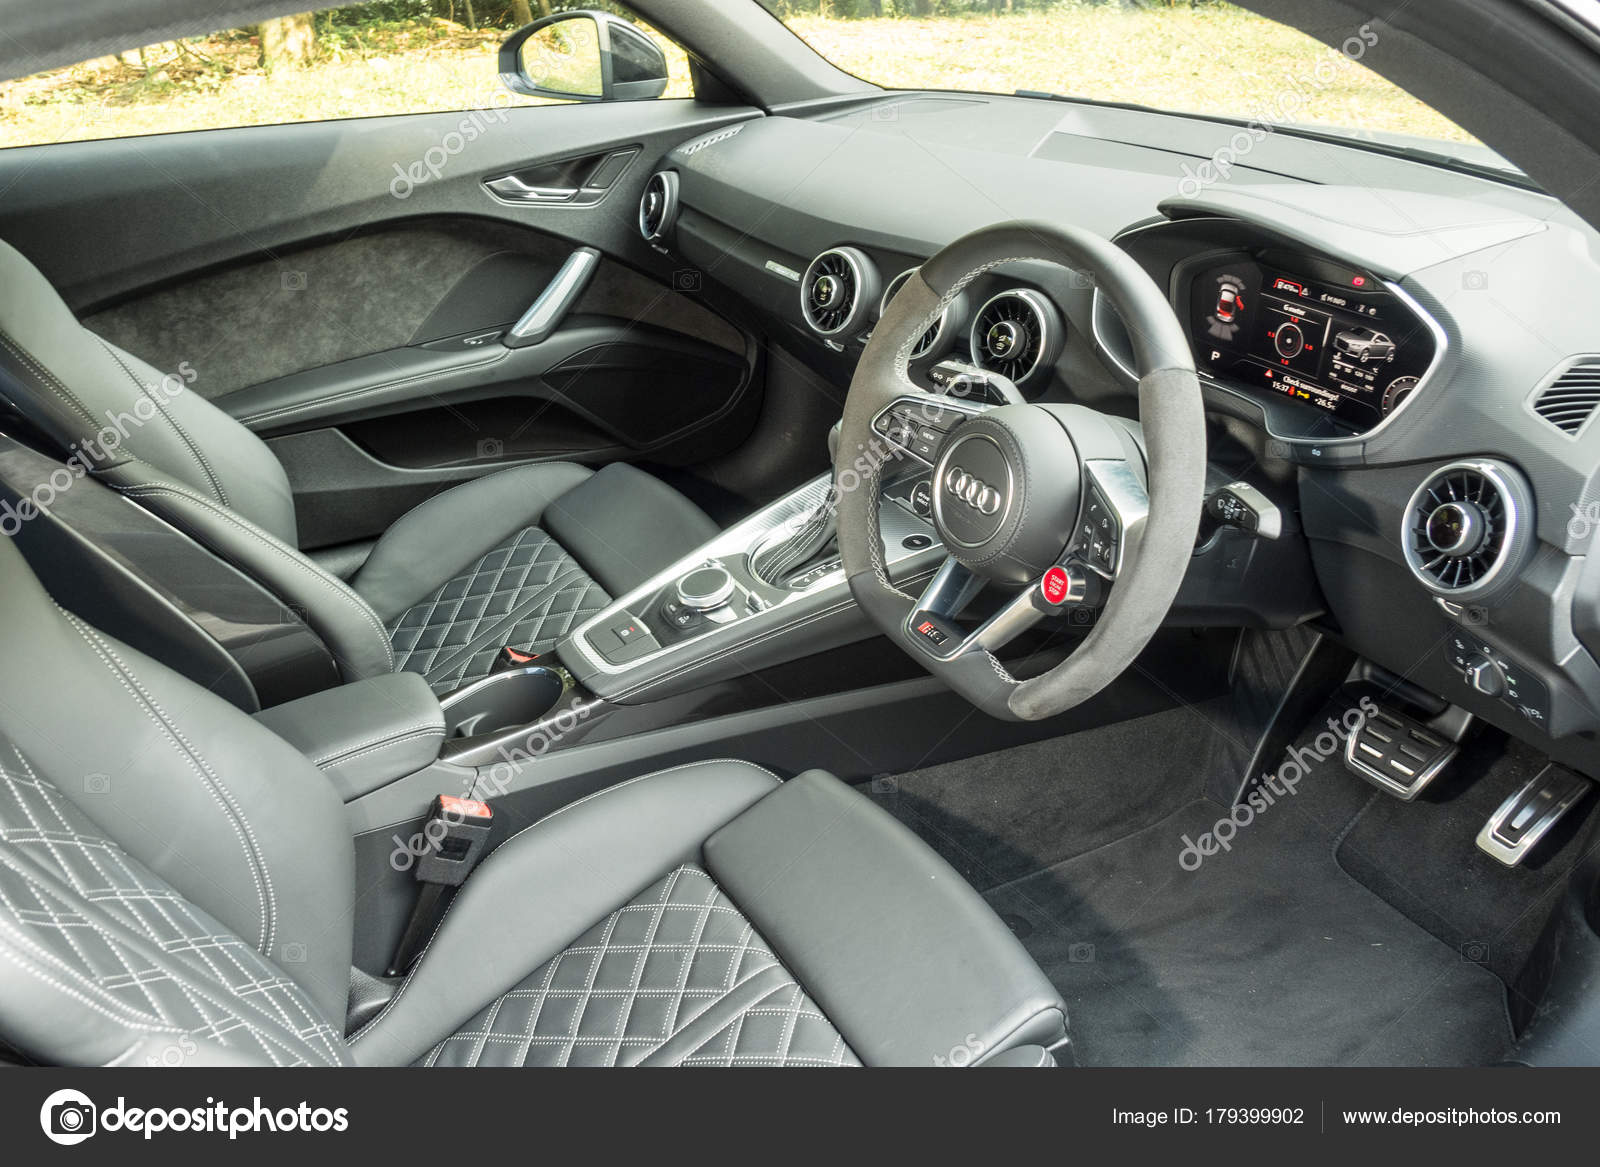 Audi Tt Rs Coupé 2017 Interieur — Redaktionelles Stockfoto ...